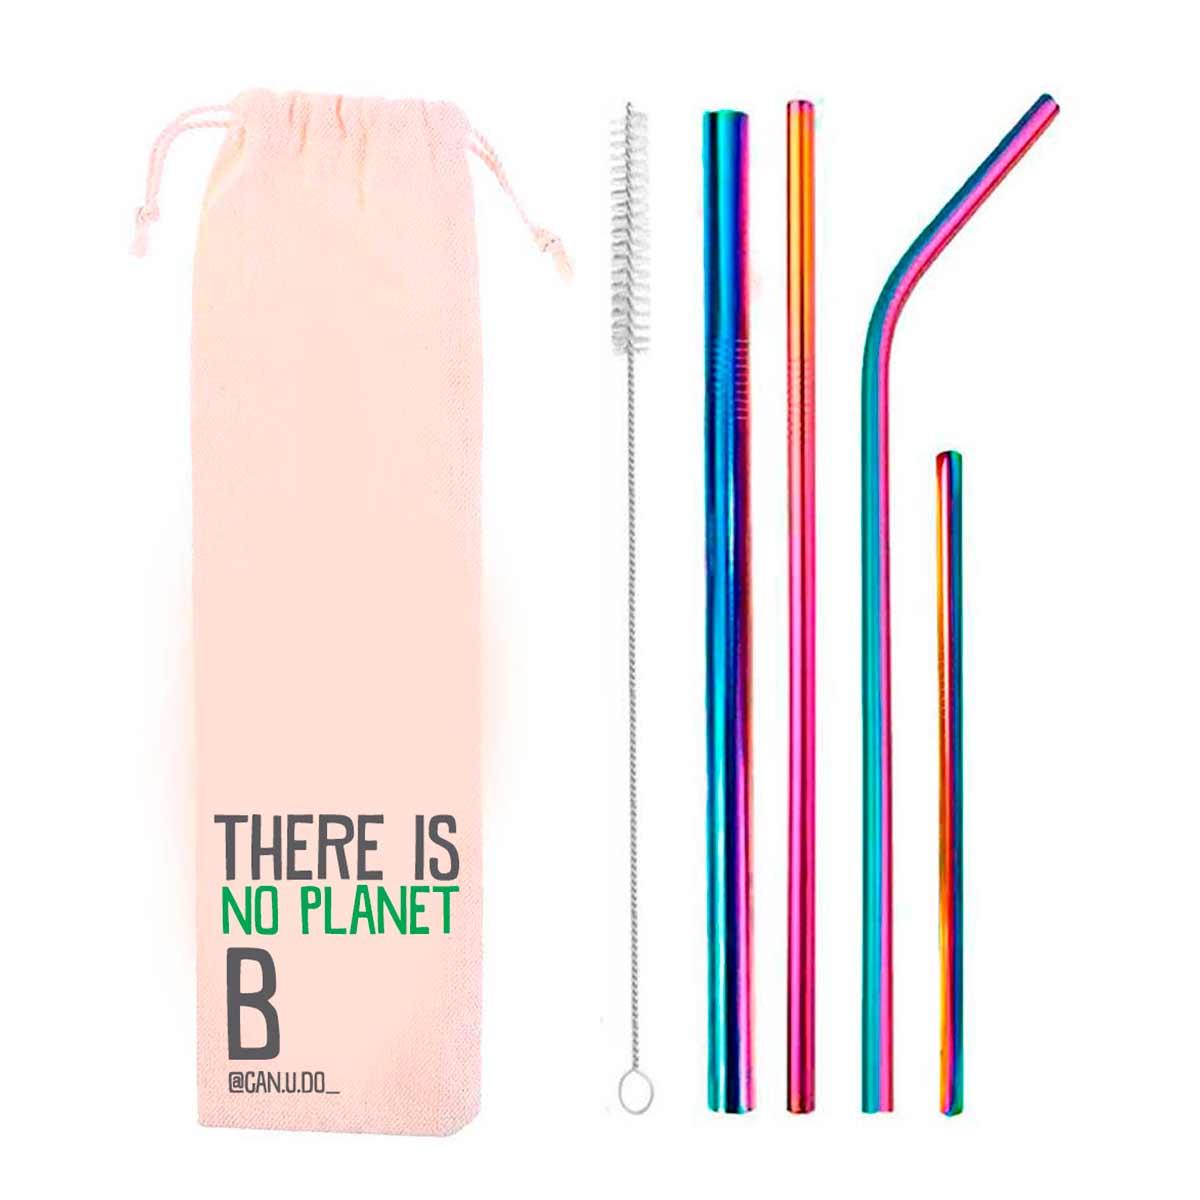 Kit 6 em 1- 4 Canudos de Inox Rainbow + Escova + Ecobag Planet B (Shake 8mm)